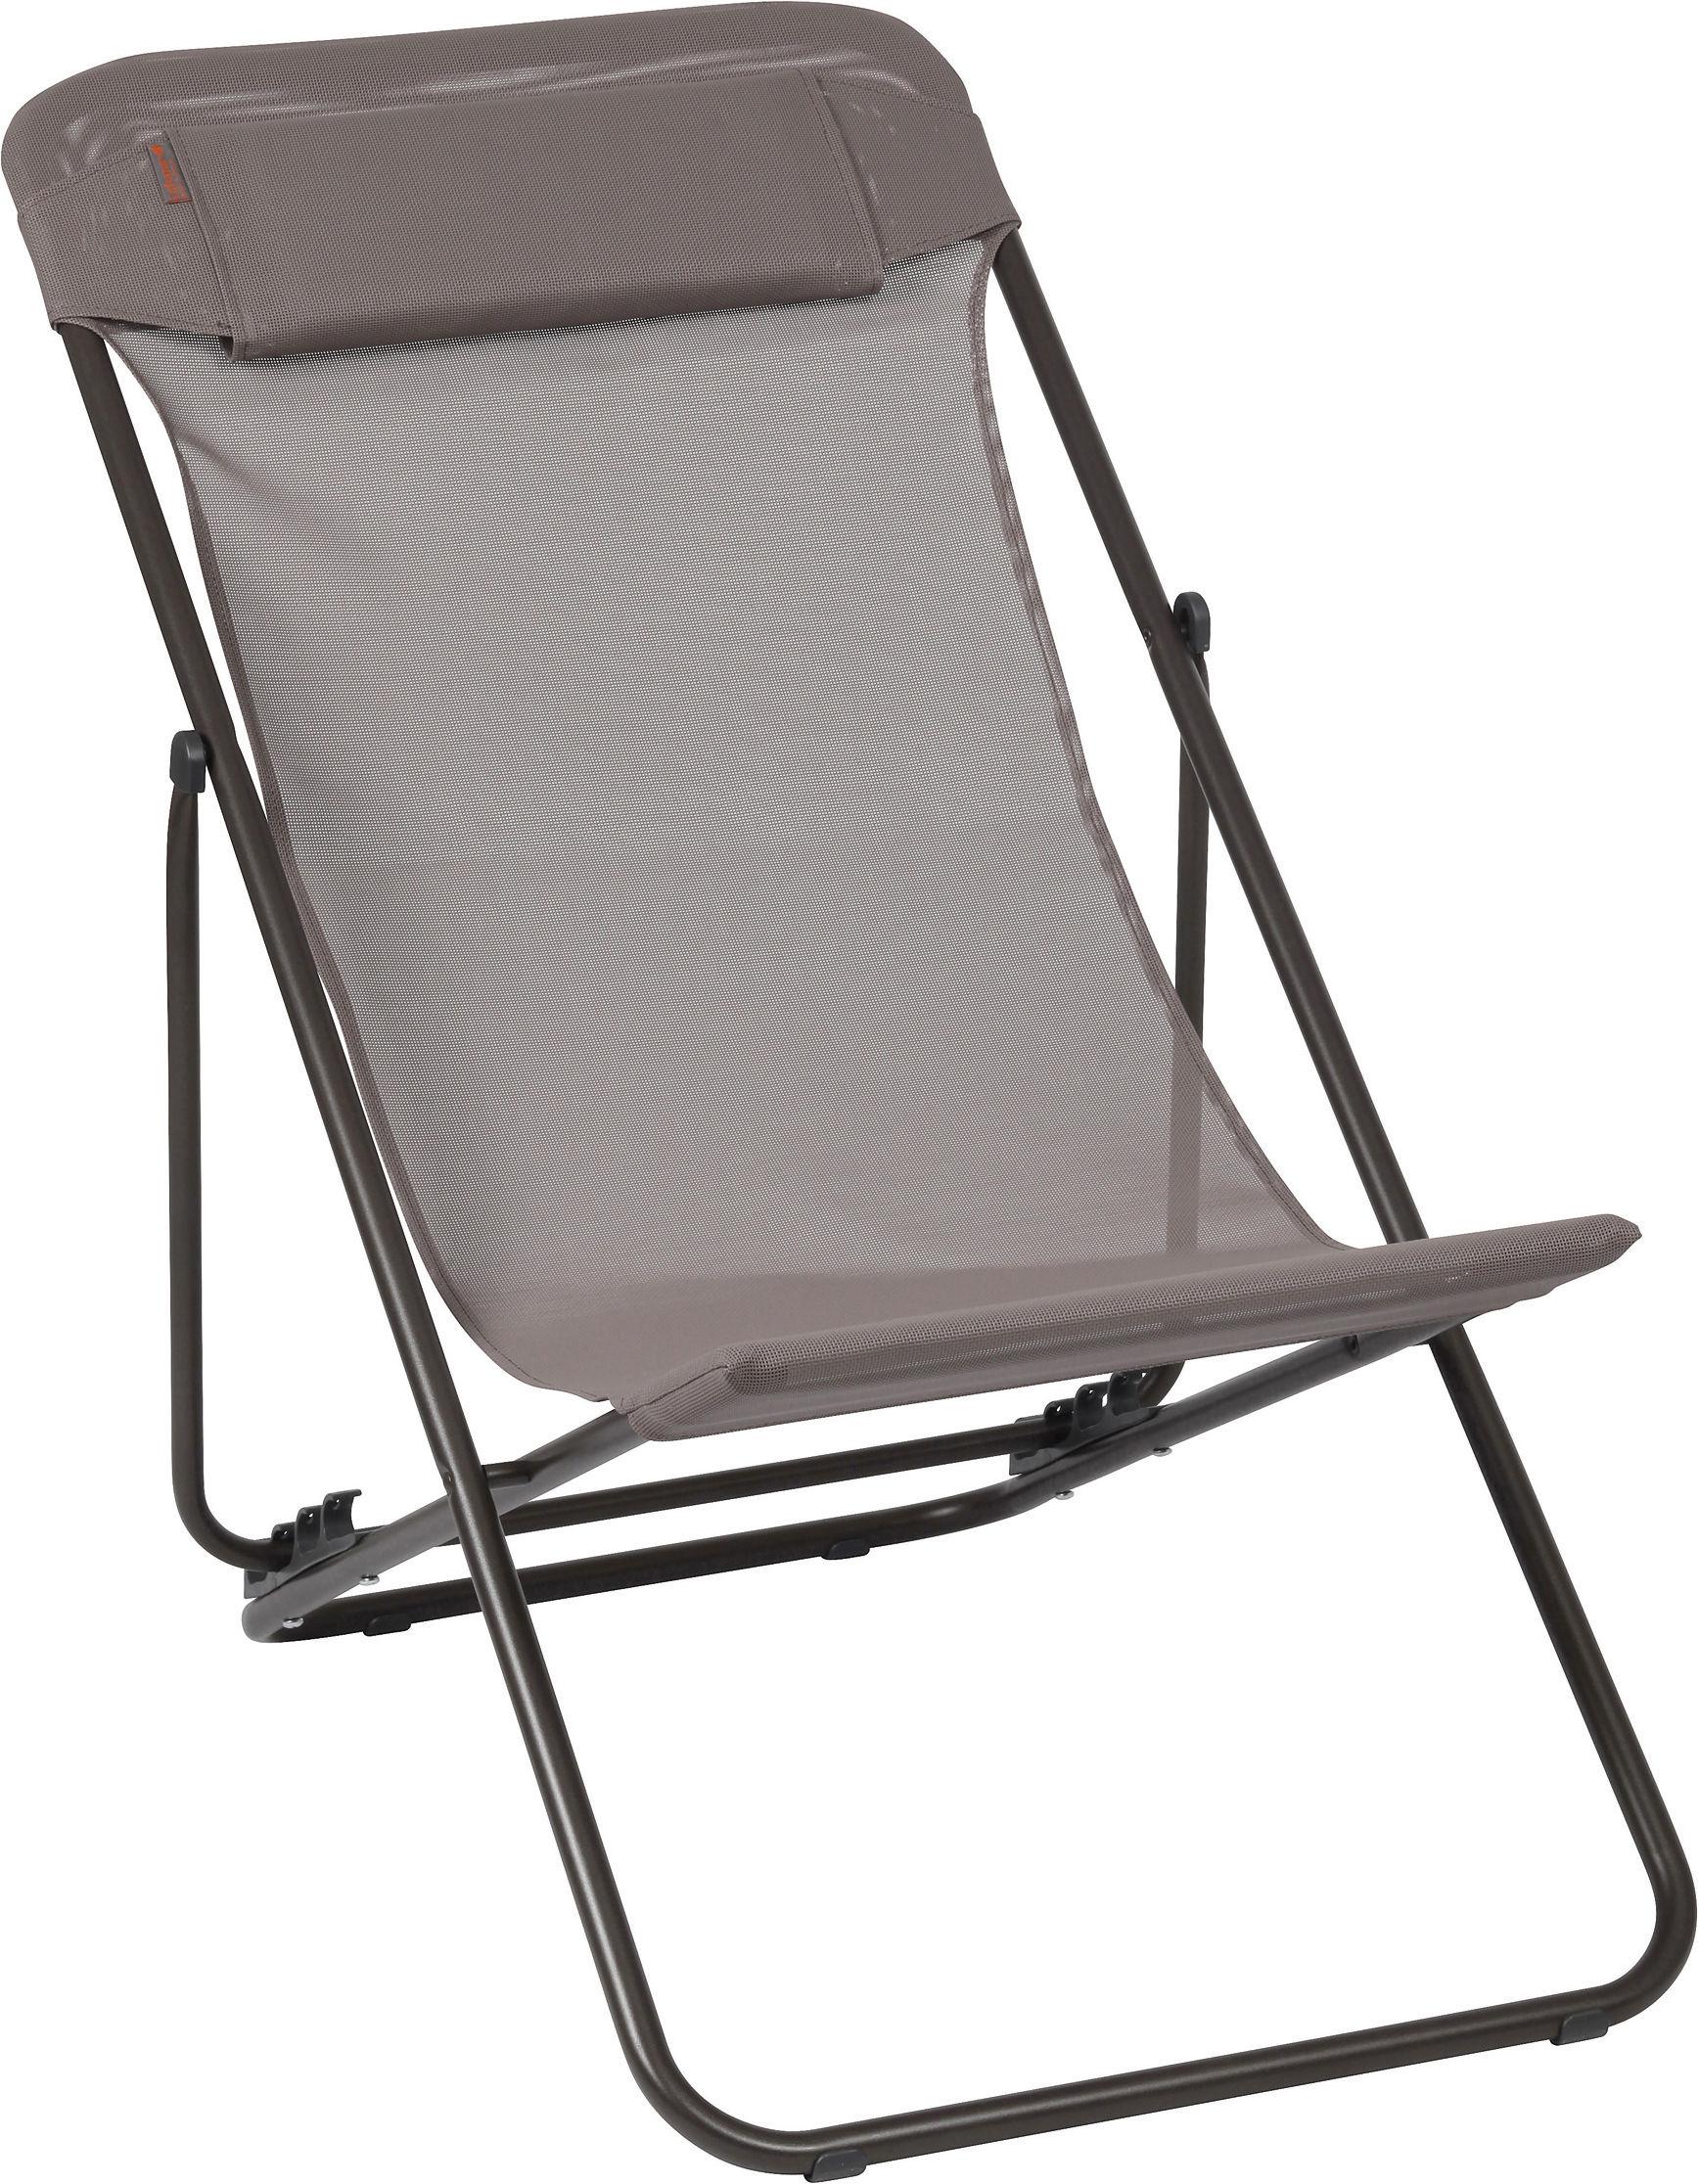 scopri toile de rechange pour chaise longue transaluxe. Black Bedroom Furniture Sets. Home Design Ideas